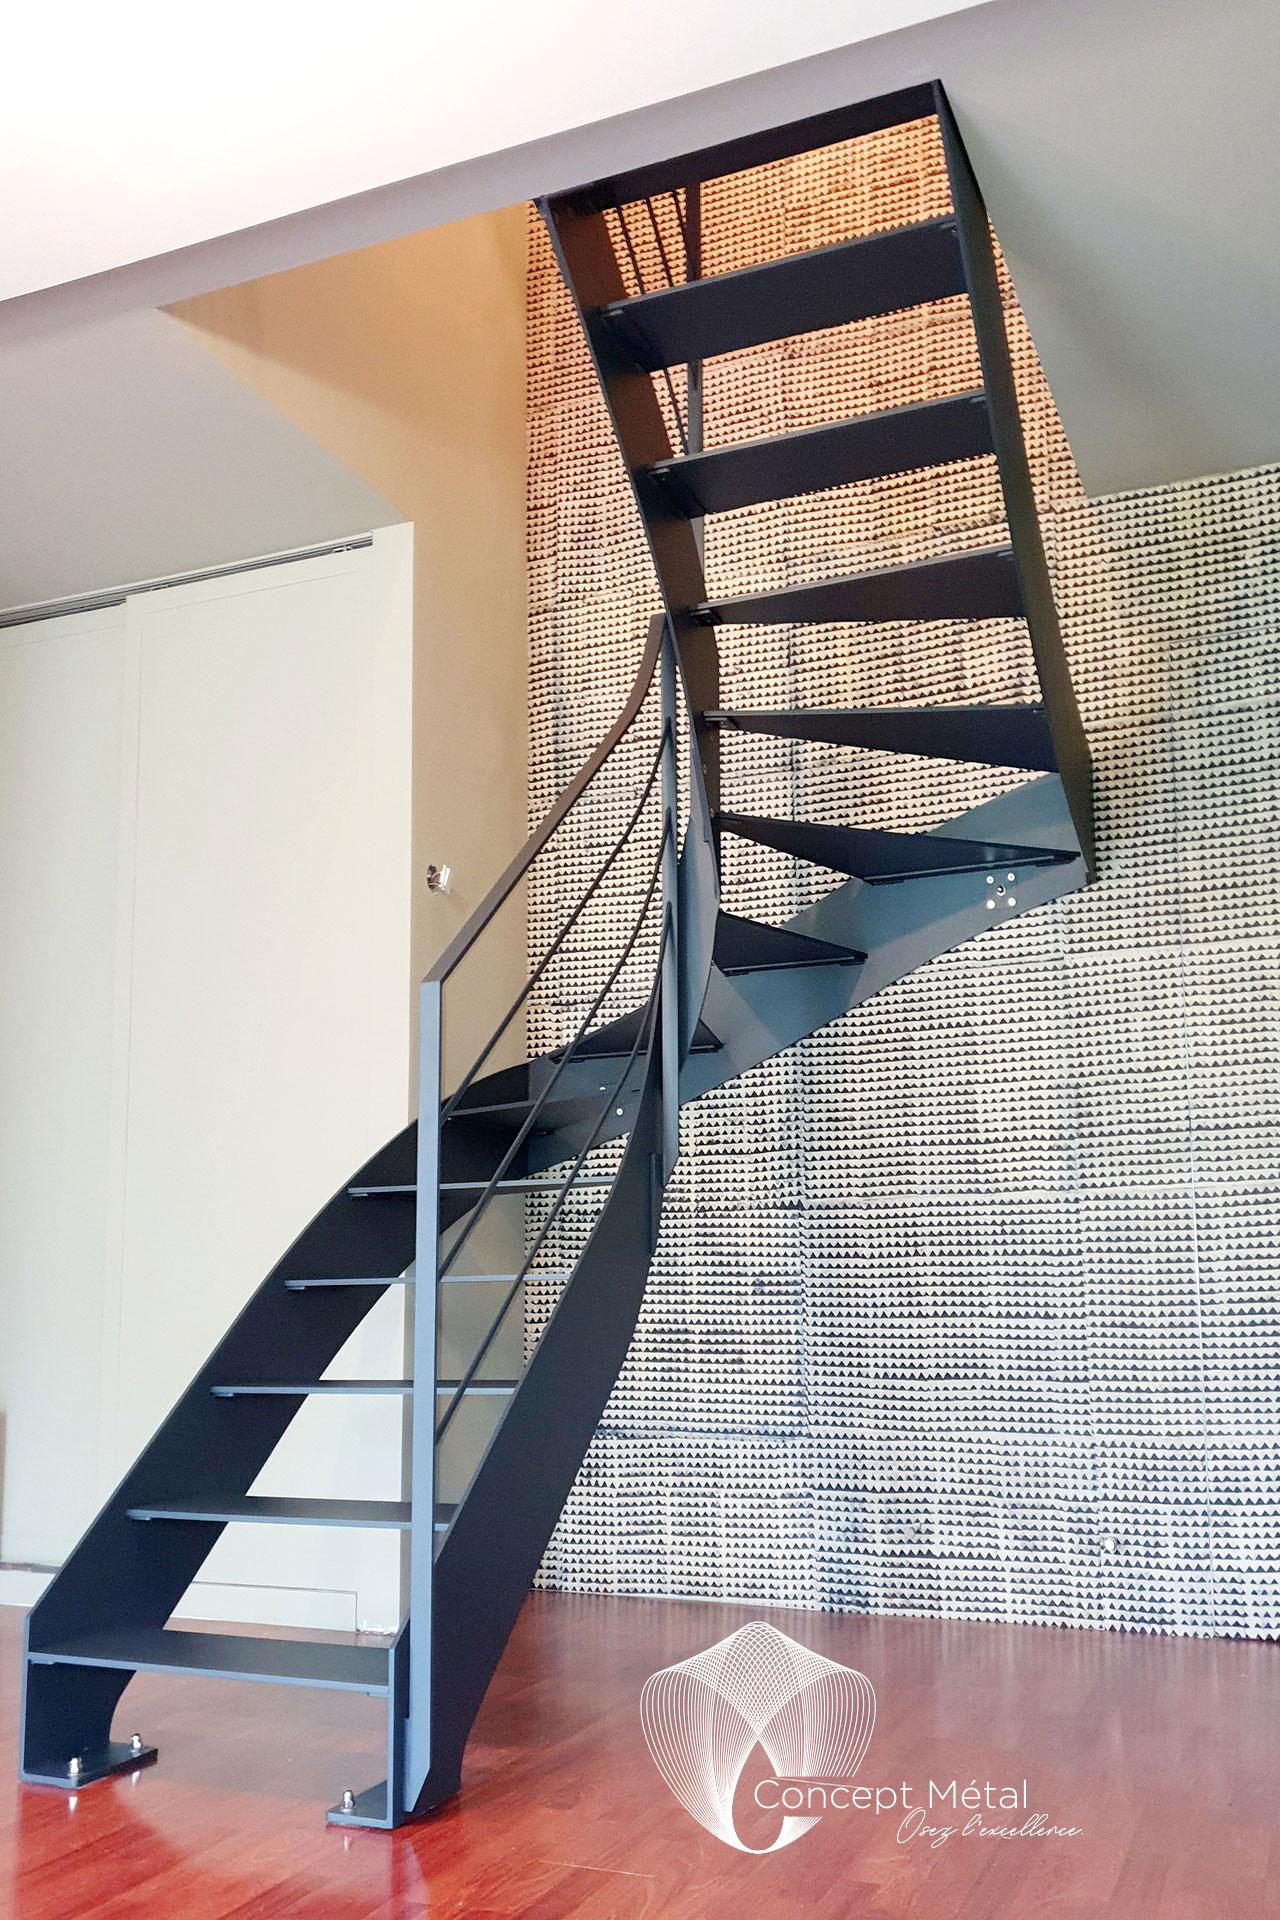 Escalier 1/4 Métal - Portail métallique - Concept Métal - Bordeaux - Bassin d'Arcachon